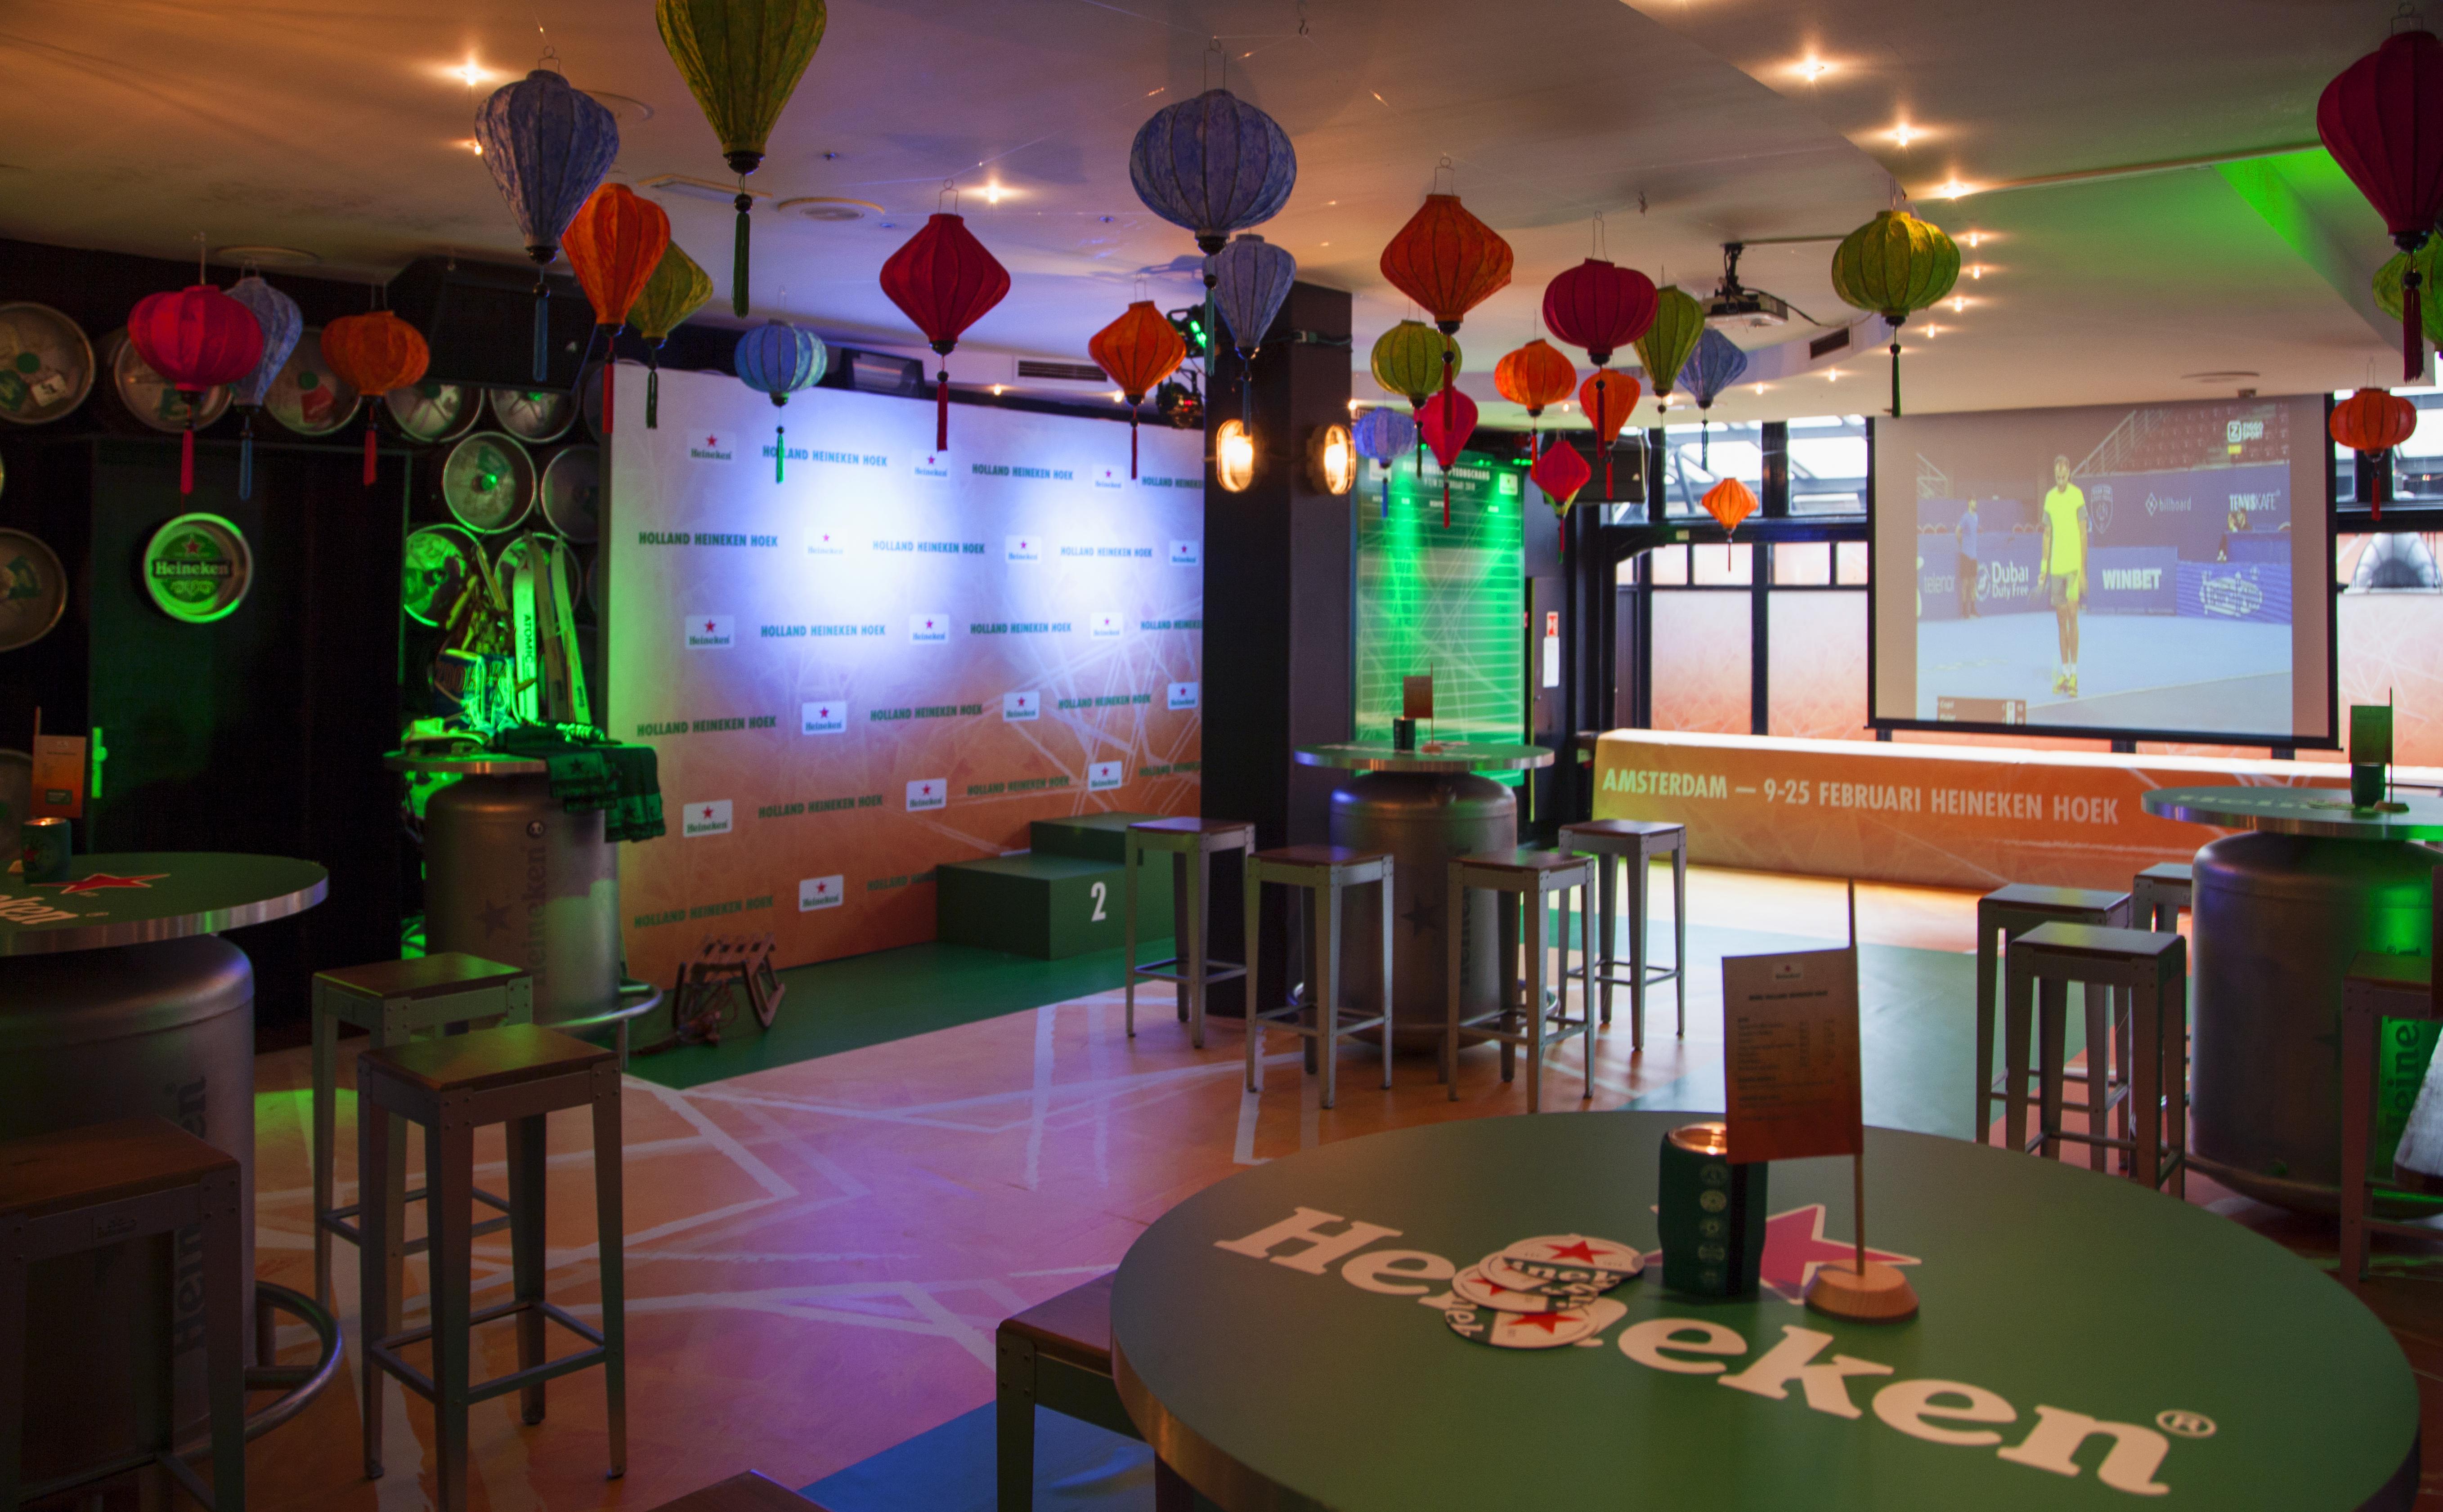 Holland Heineken hoek 2